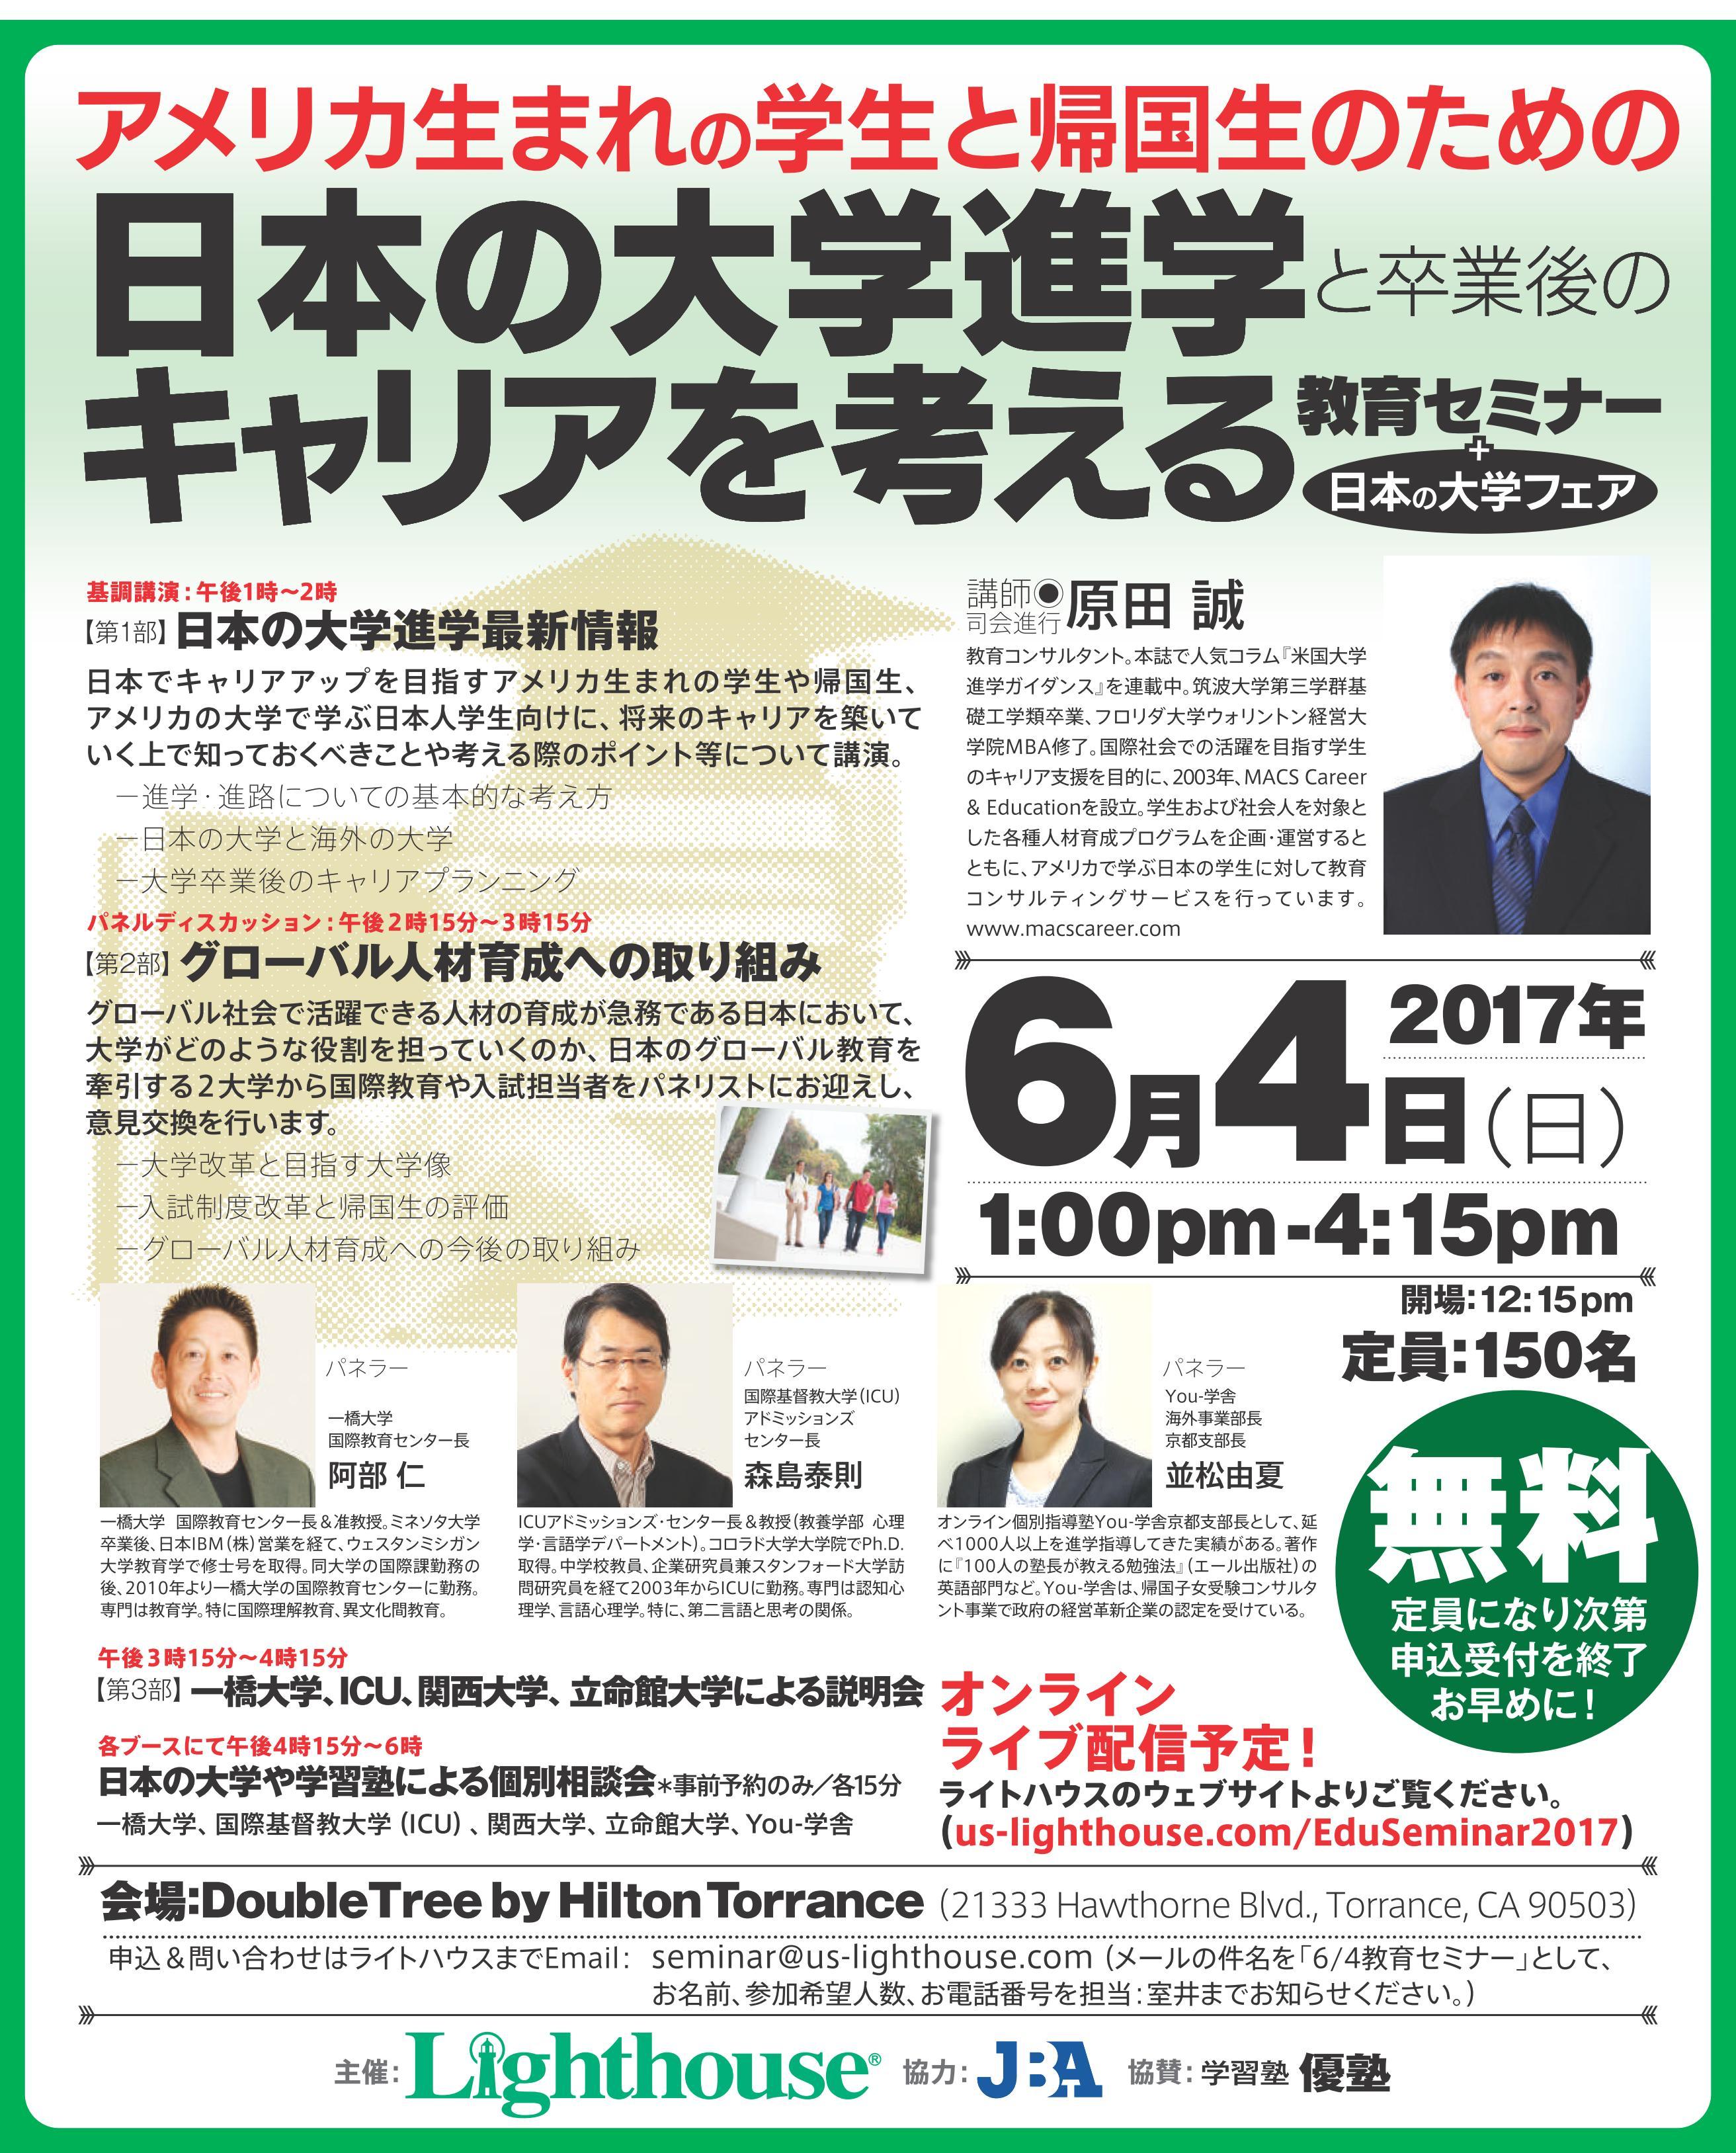 海外生まれの学生および帰国生のための「日本の大学進学と卒業後のキャリアを考える教育セミナー」